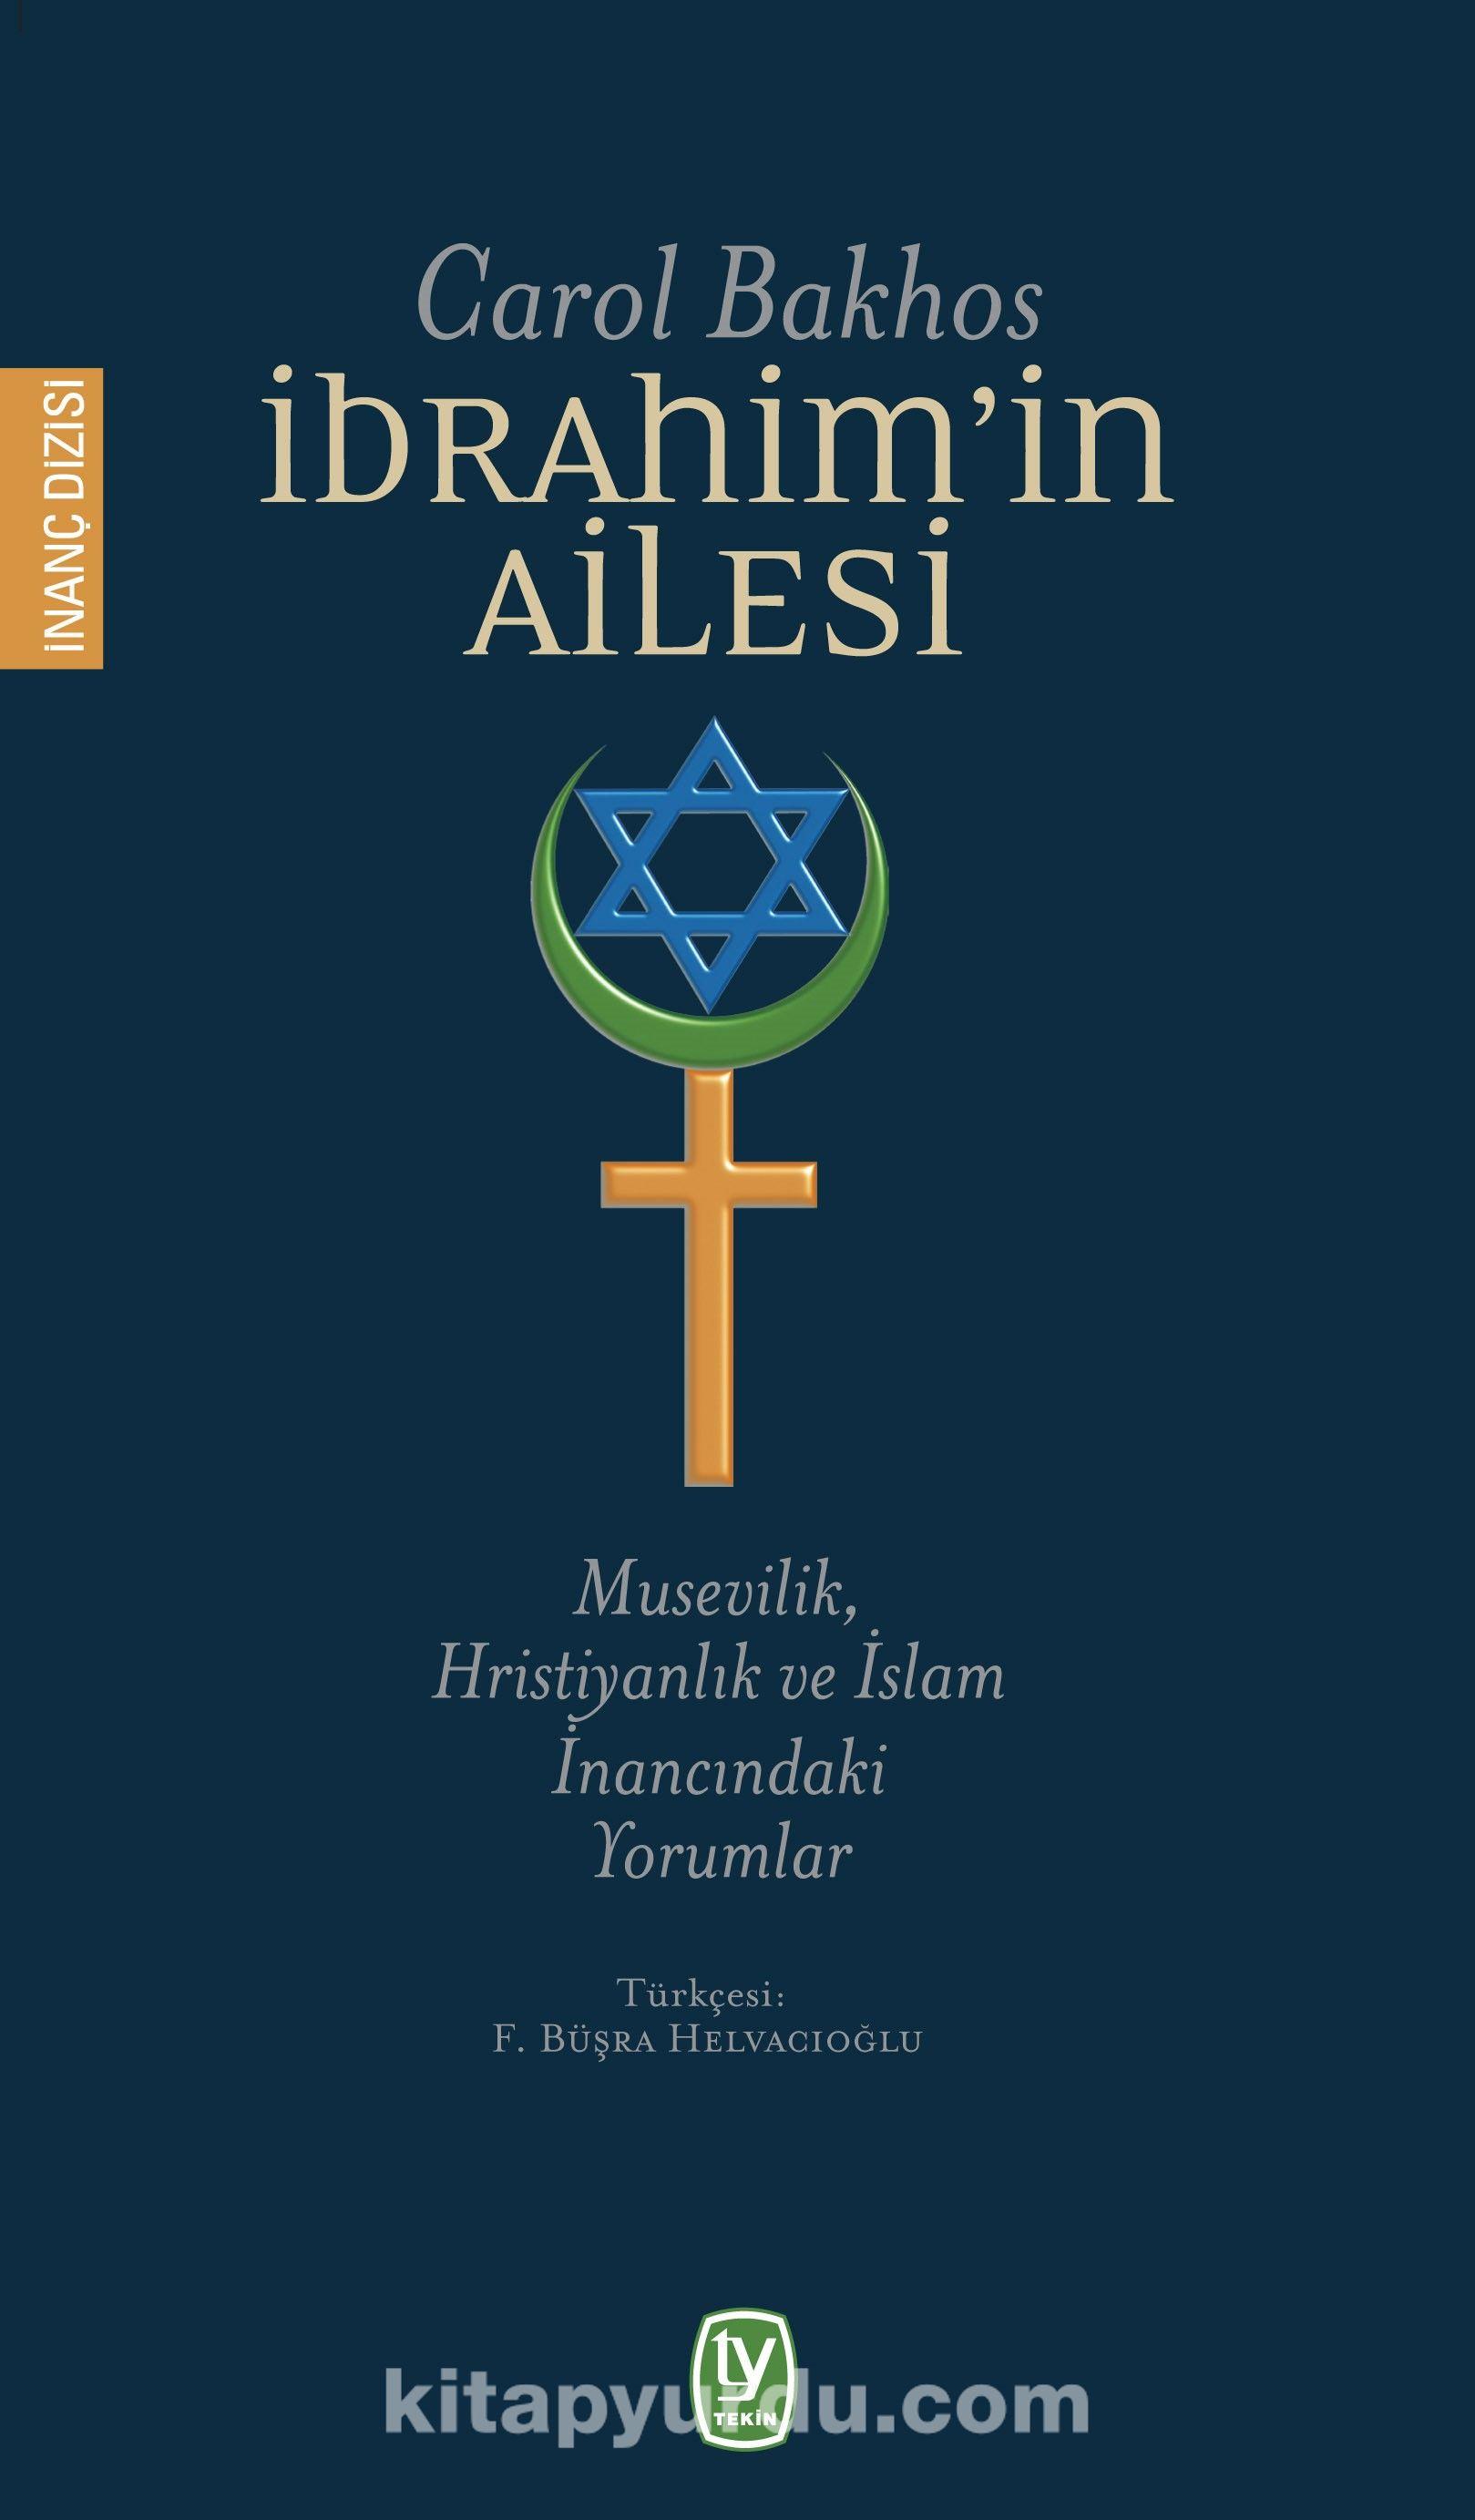 İbrahim'in Ailesi & Musevilik, Hristiyanlık ve İslam İnancındaki Yorumlar